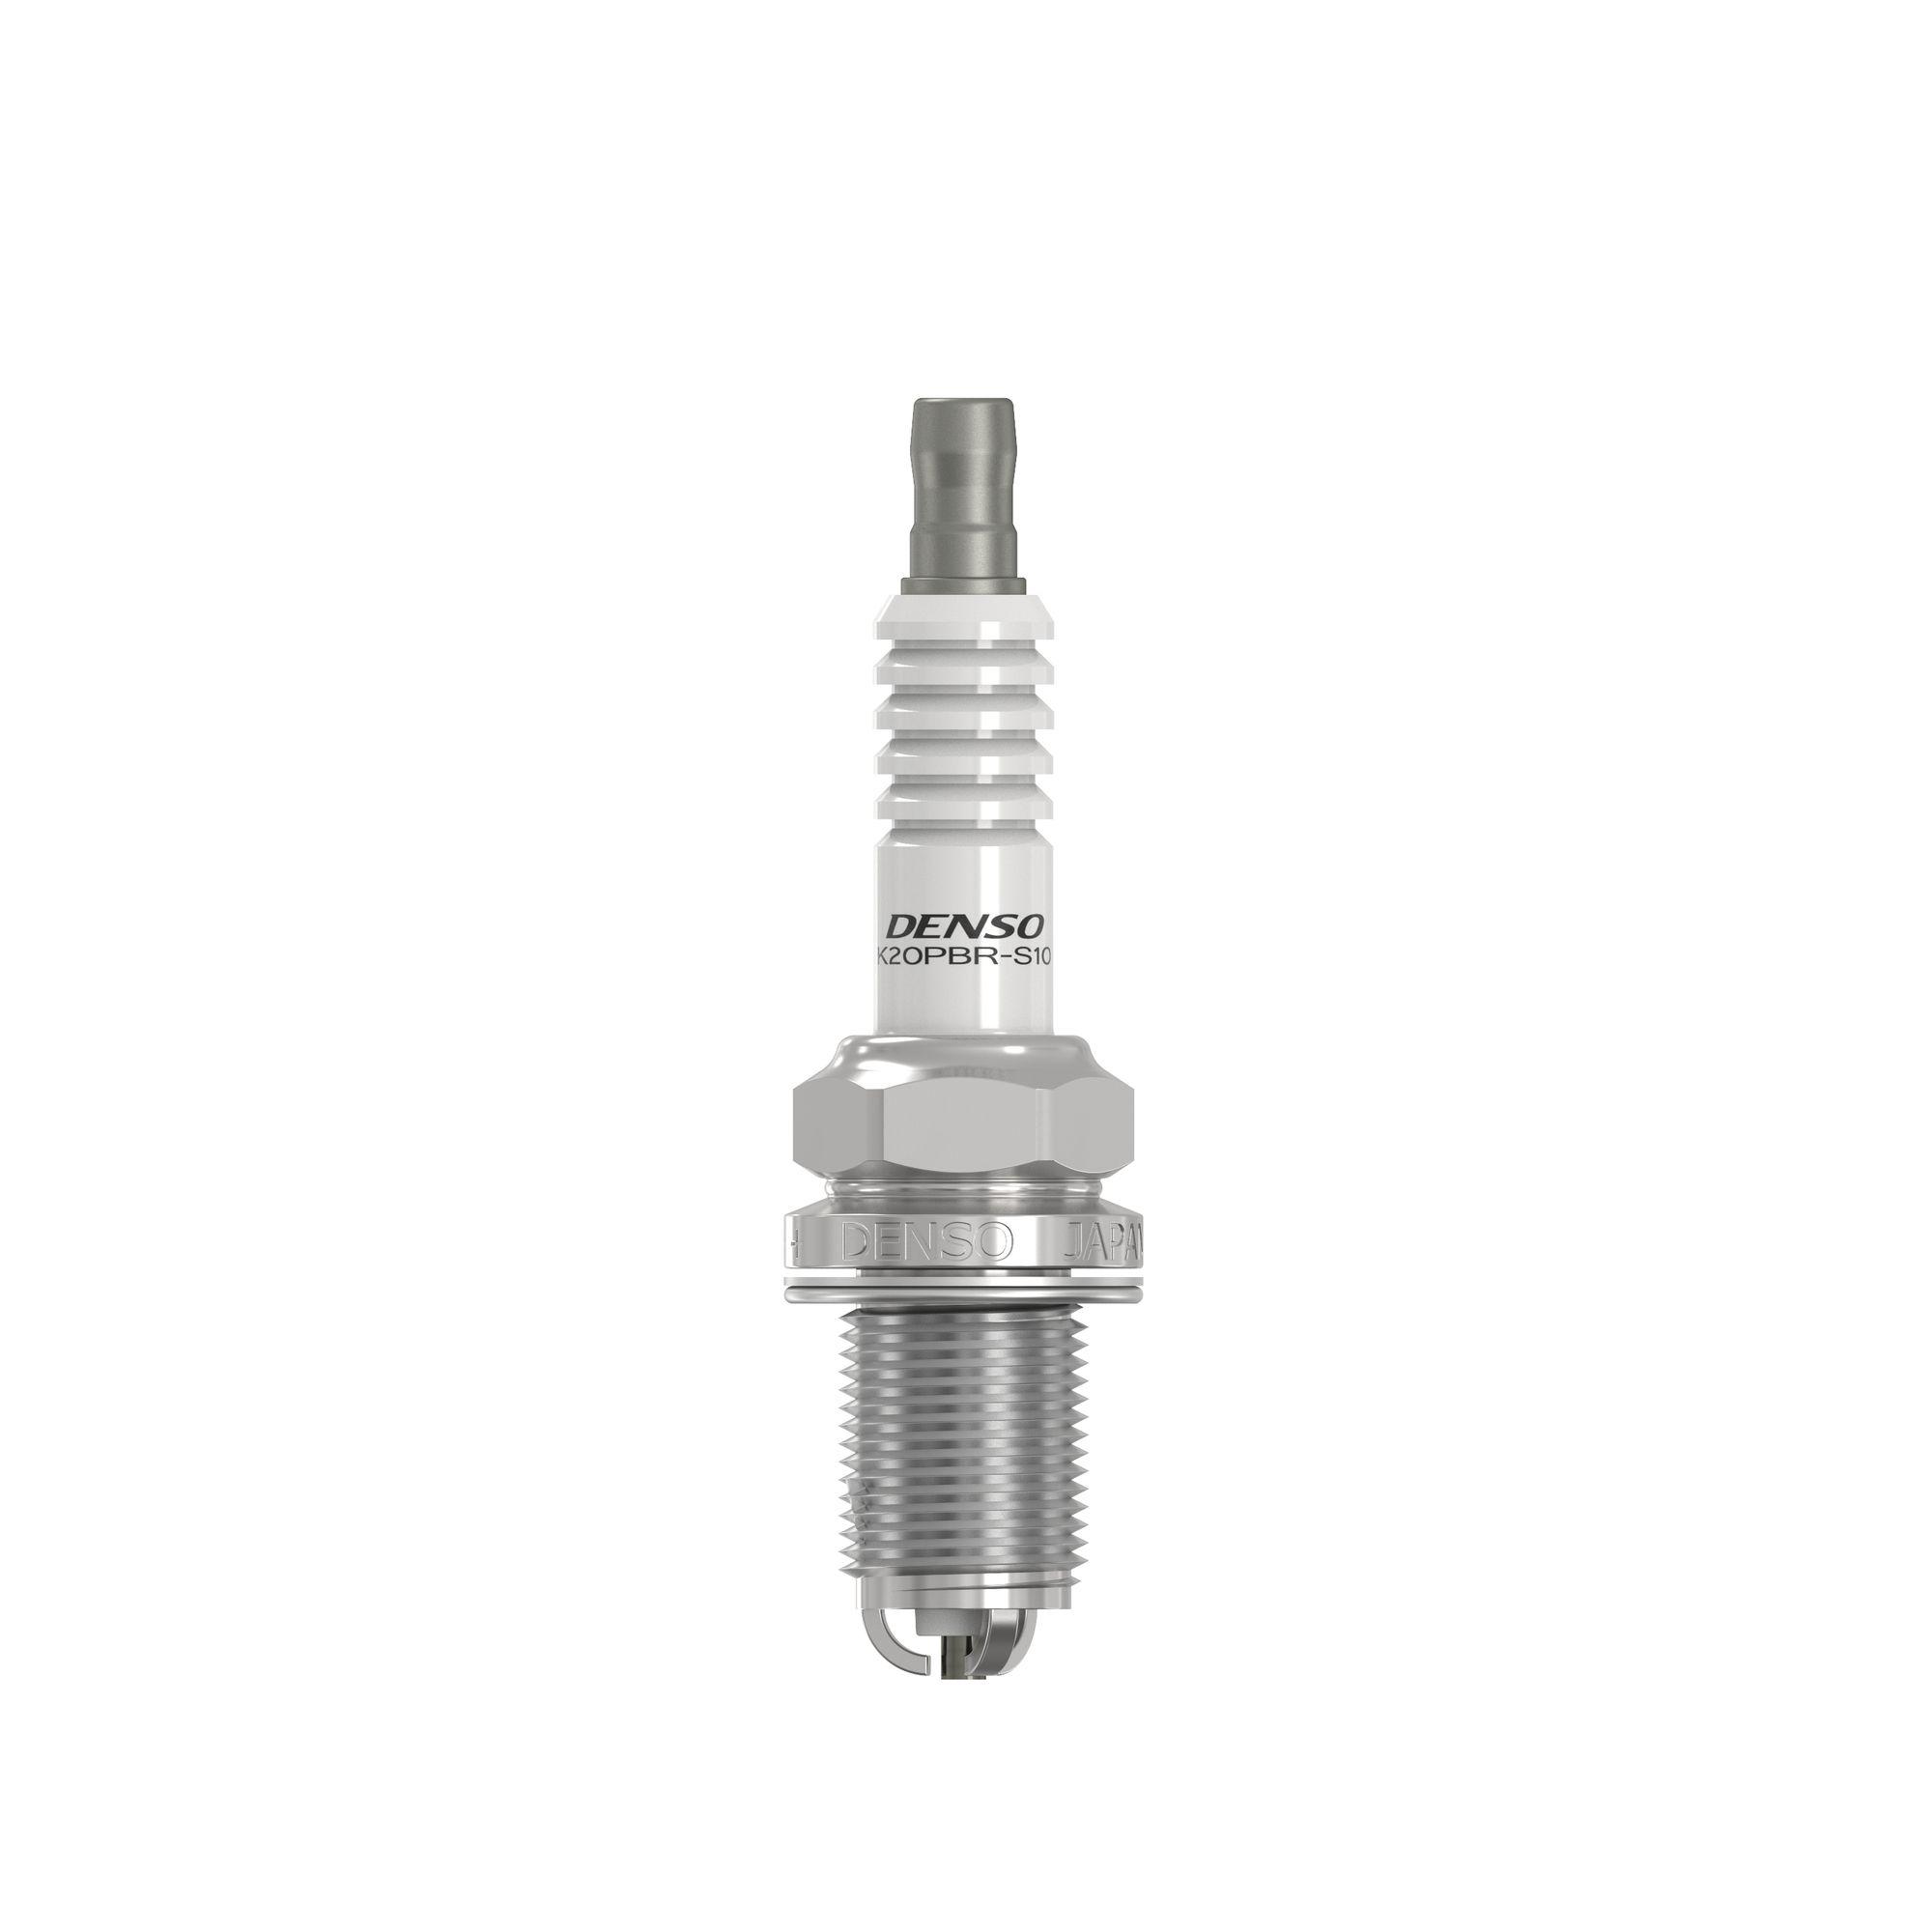 Candele motore benzina K20PBR-S10 con un ottimo rapporto DENSO qualità/prezzo